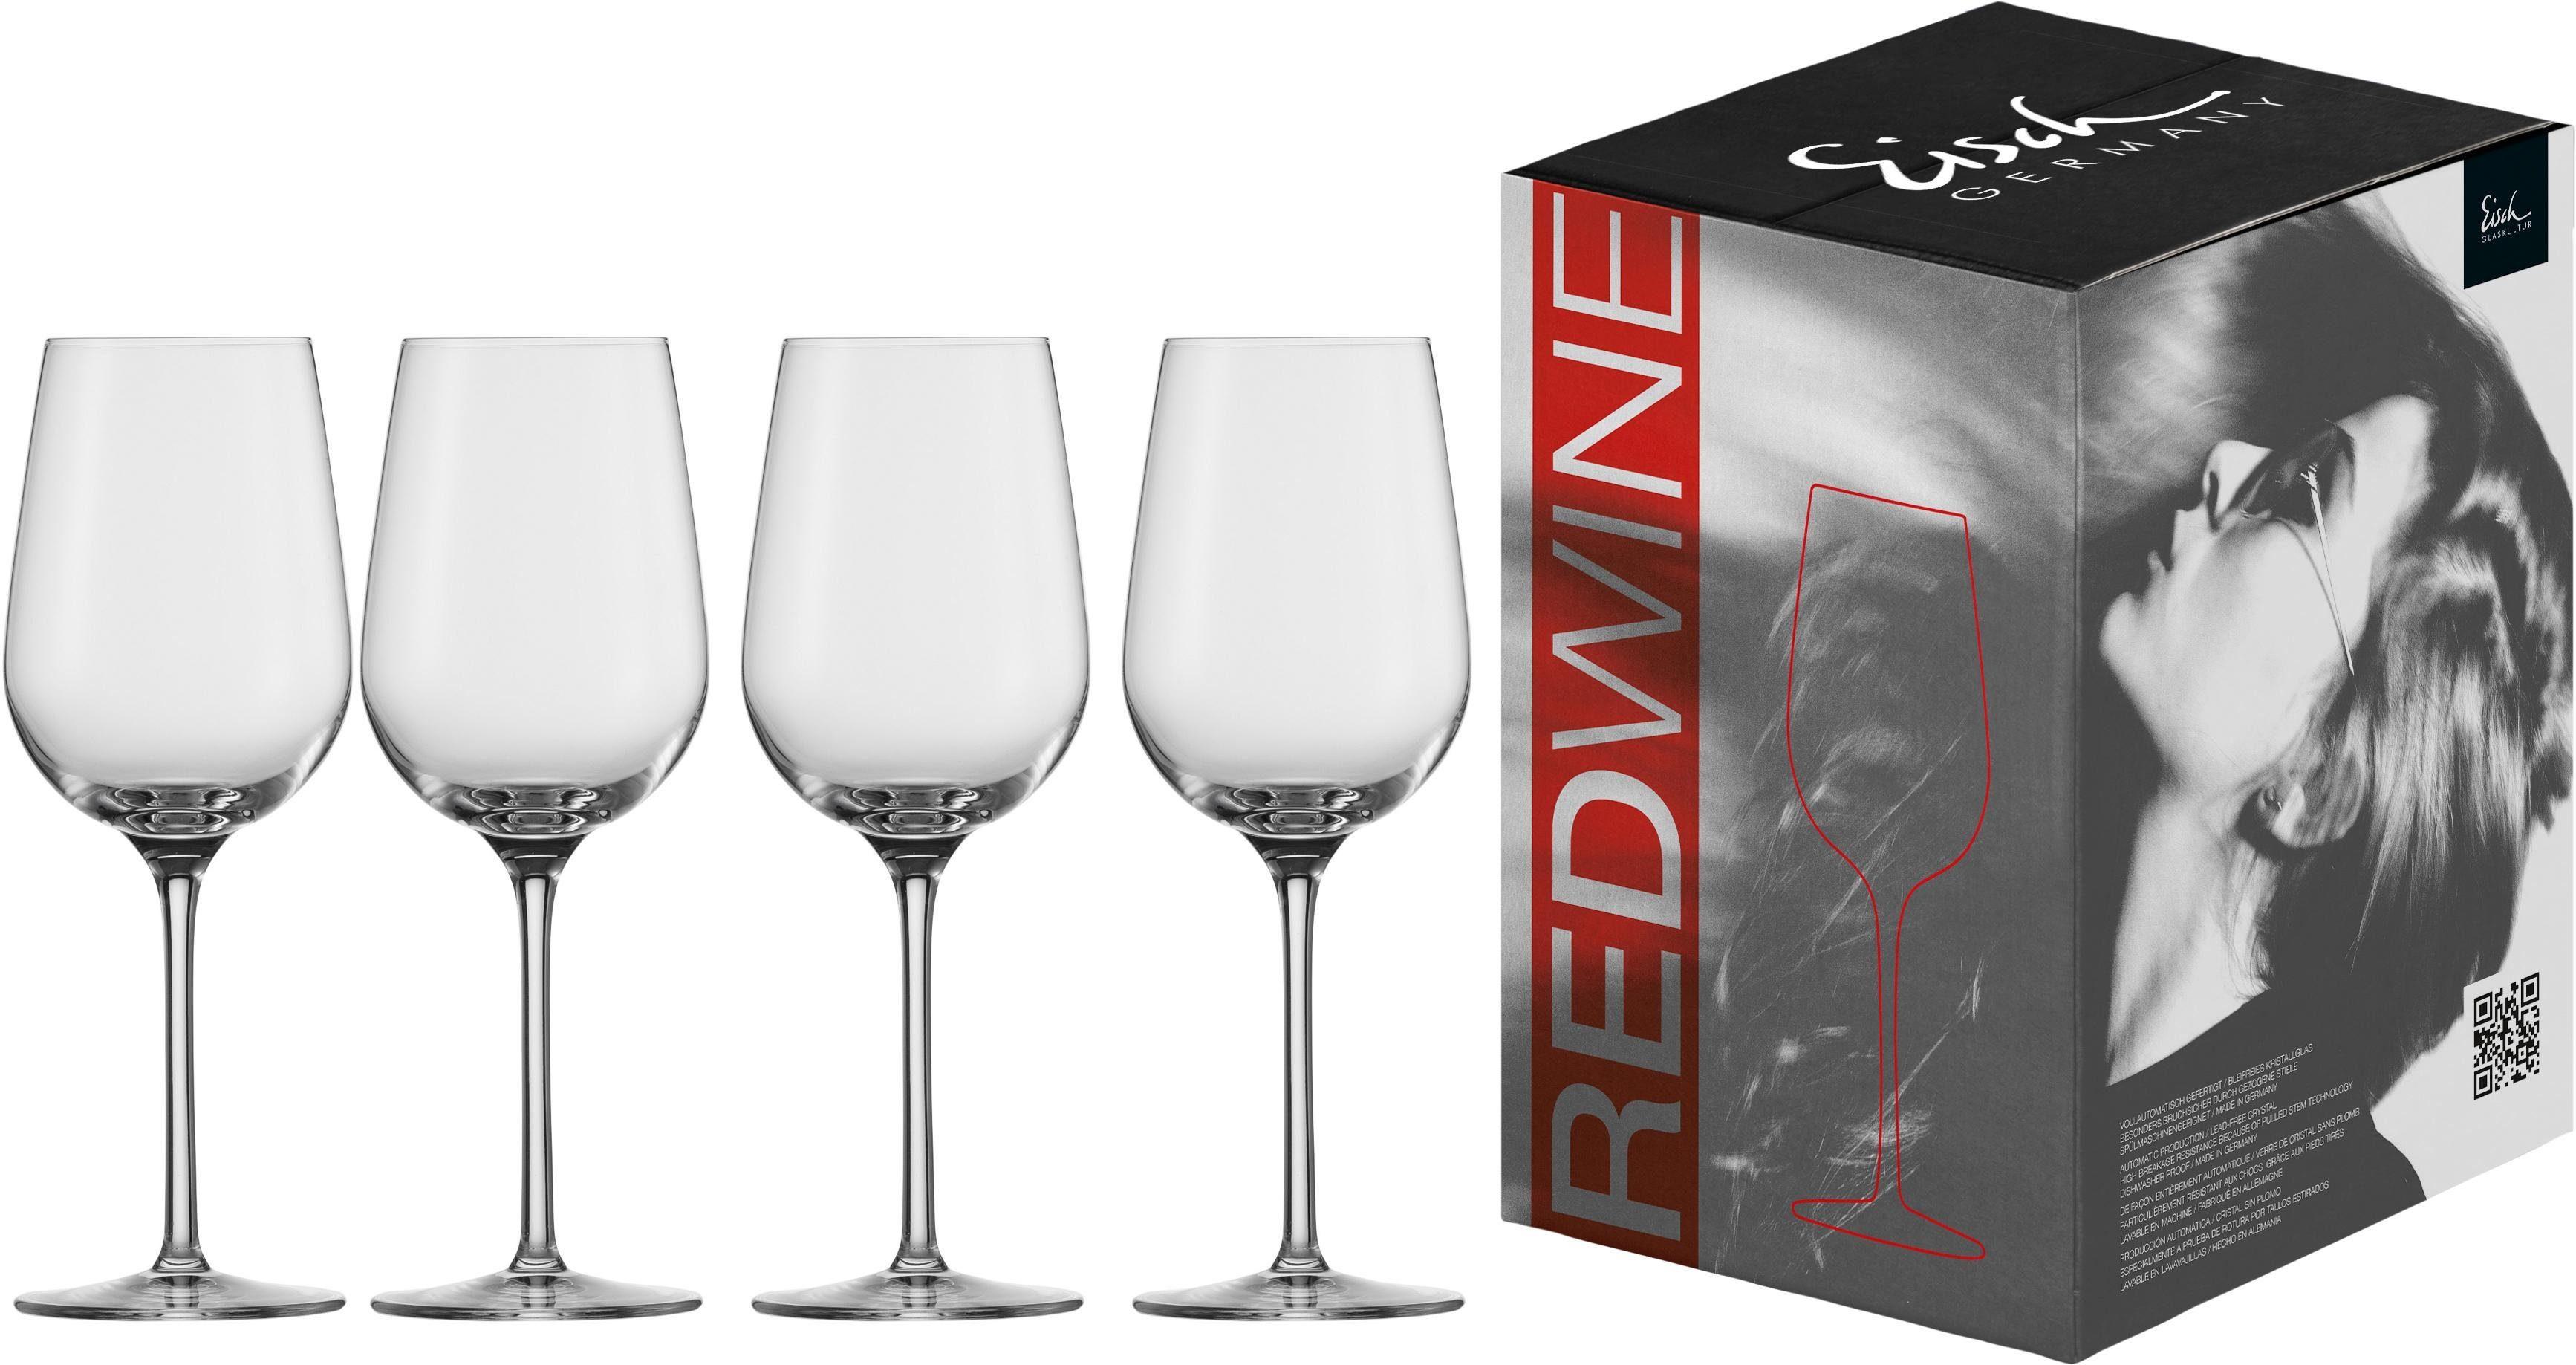 Eisch Rotweinglas Vinezza, (Set, 4 tlg.), bleifreies Kristallglas, 430 ml farblos Kristallgläser Gläser Glaswaren Haushaltswaren